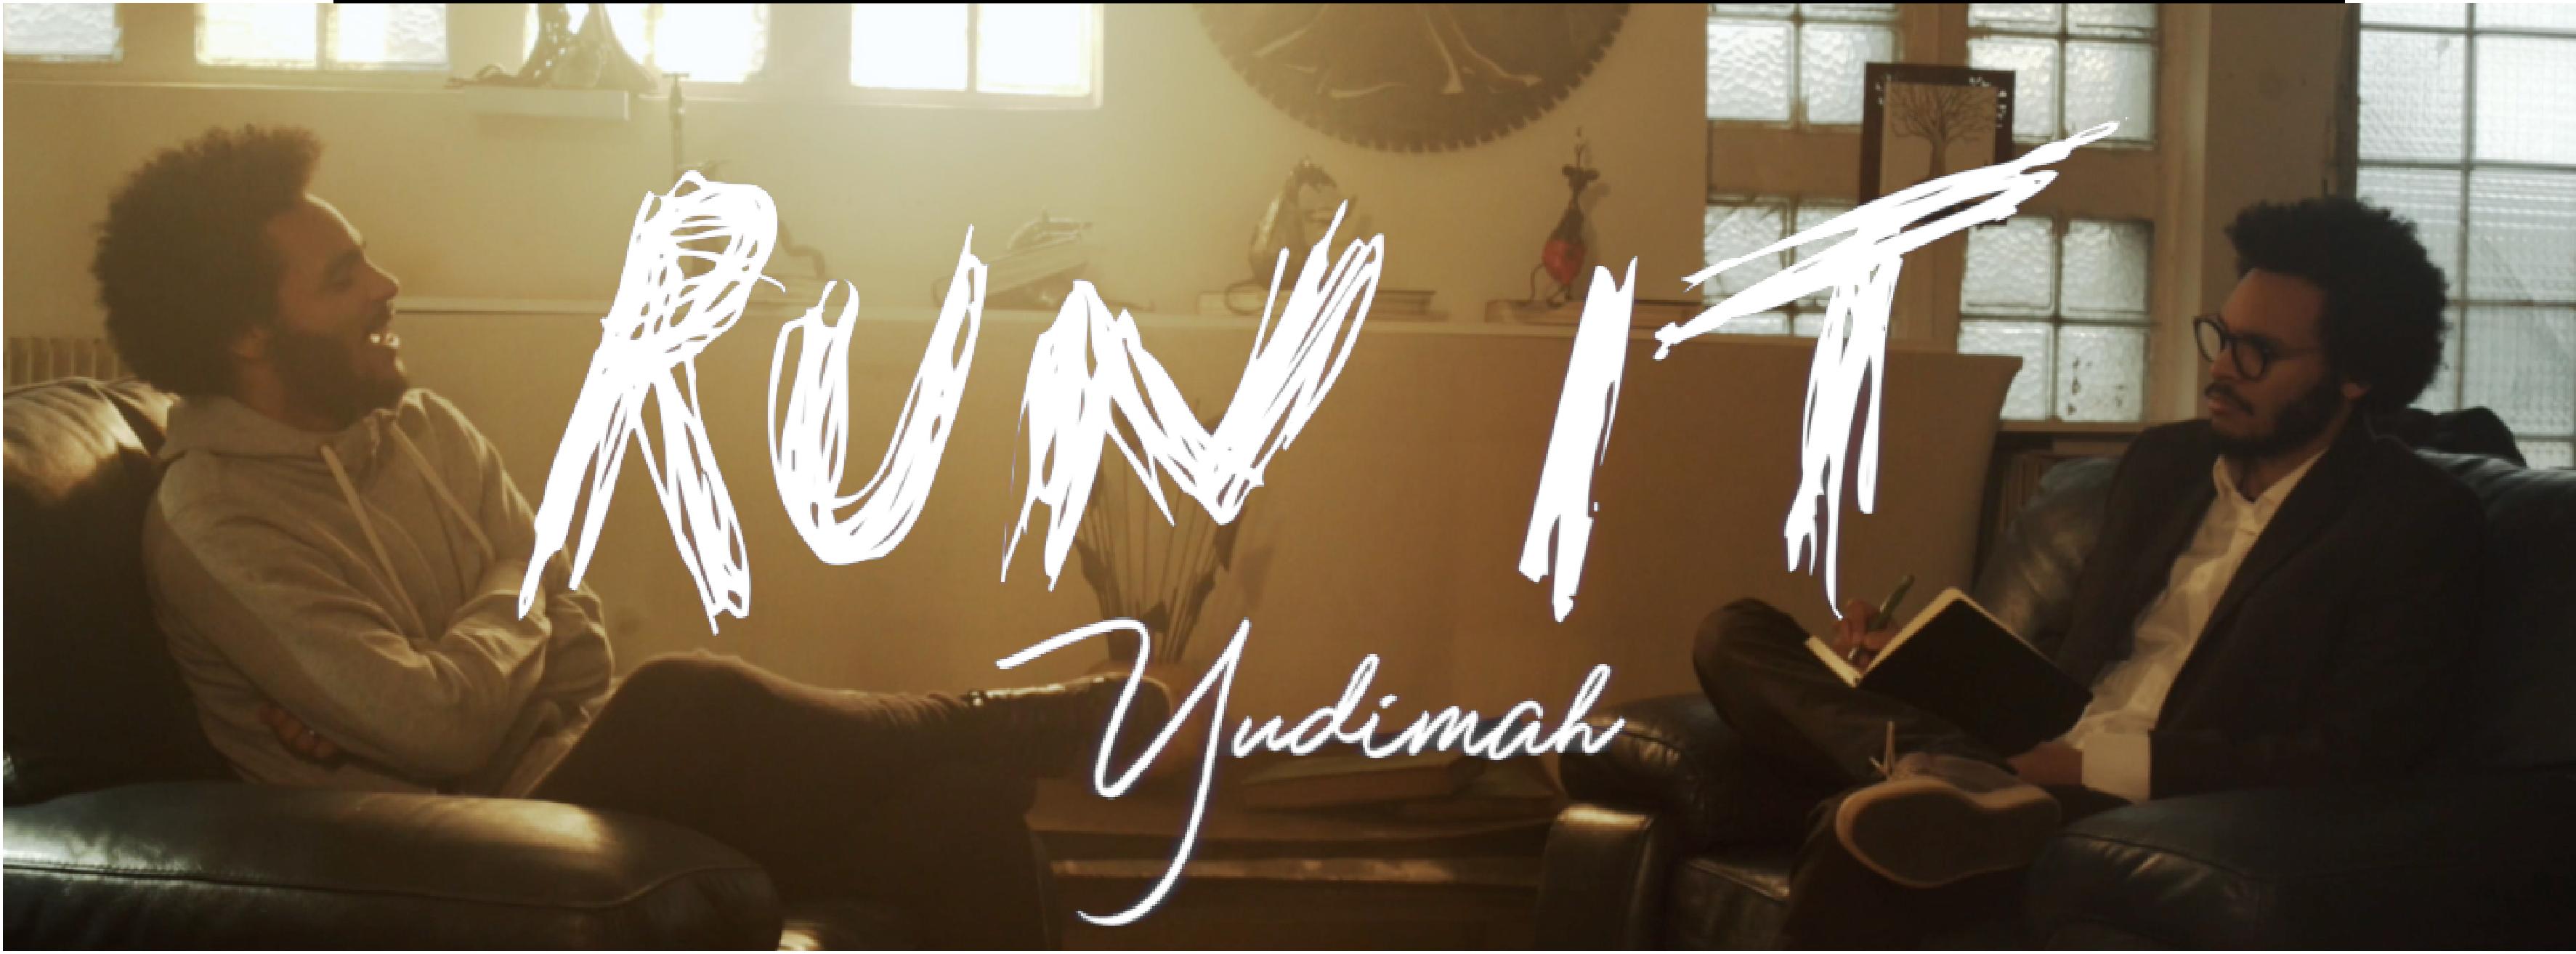 YUDIMAH CLIP-01